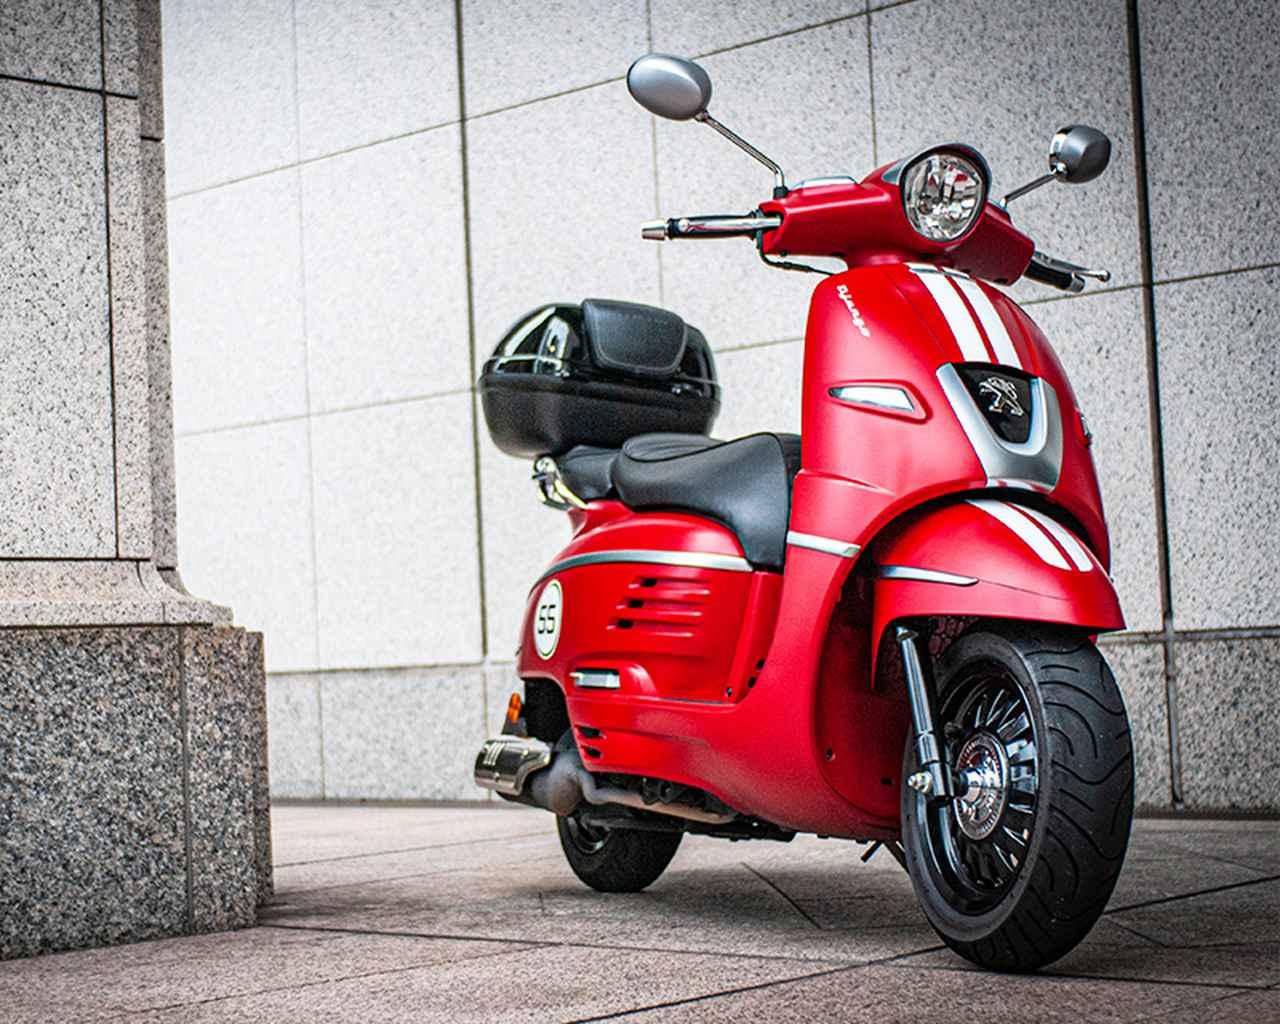 画像: プジョー「ジャンゴ スポーツ ツーリング」webオートバイ特別仕様車 web申込専用ページ